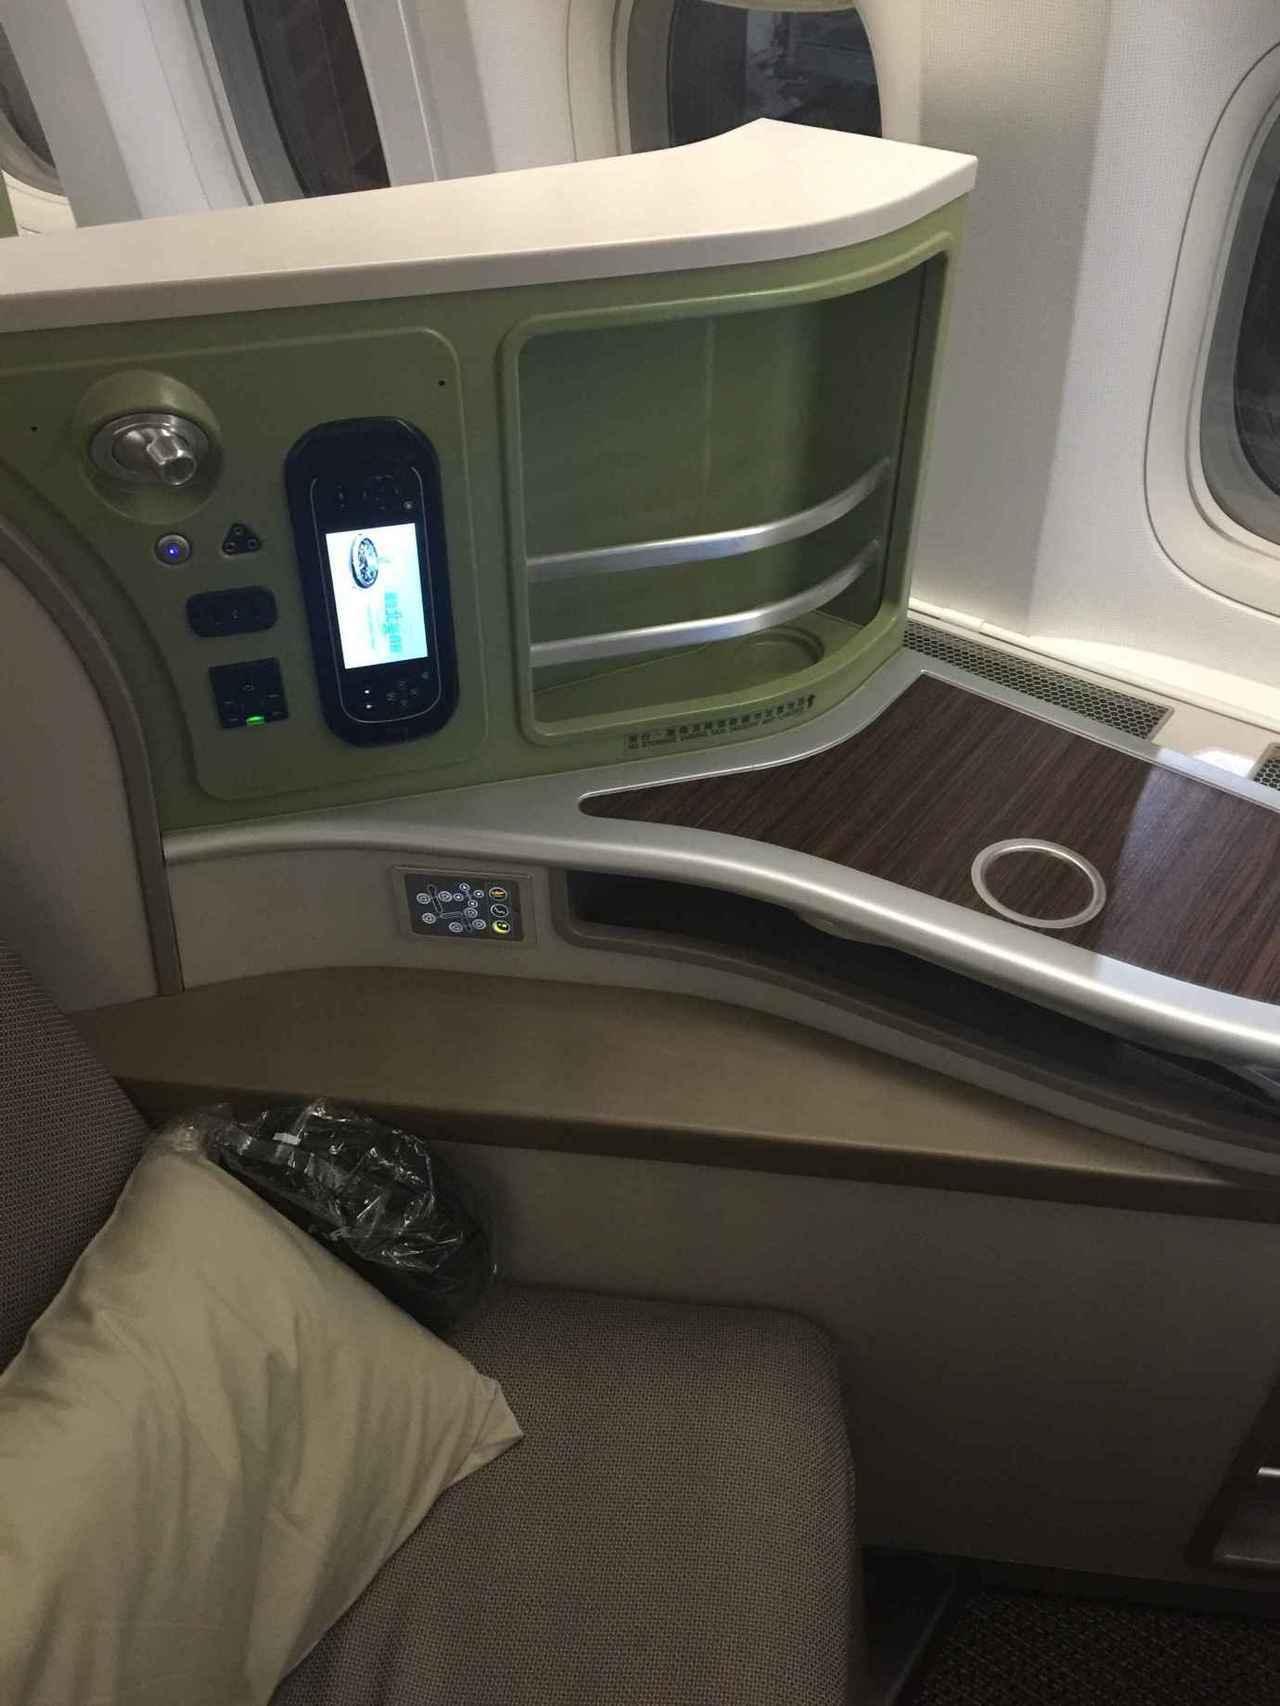 娛樂系統遙控器,充電插座,還有座椅控制面板,我覺得充電插座位置有點不太好,常常會...